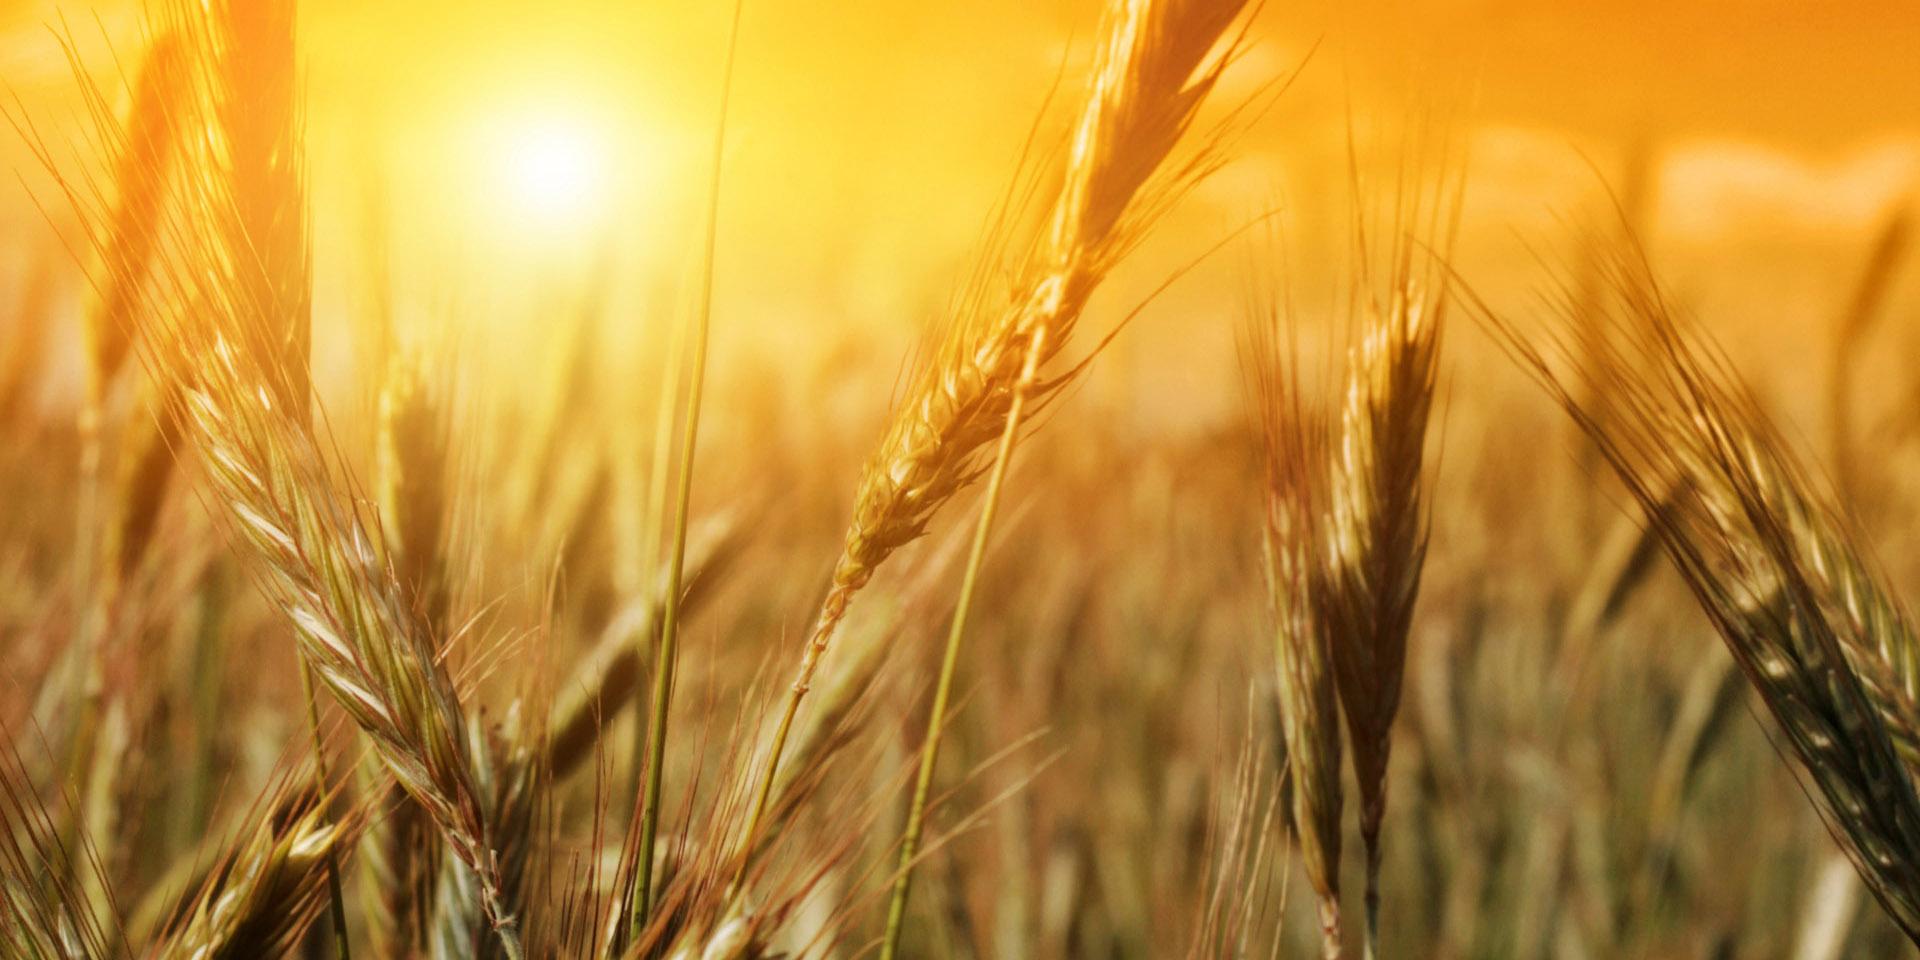 کشاورزی کشور دچار ناپایداری شده است